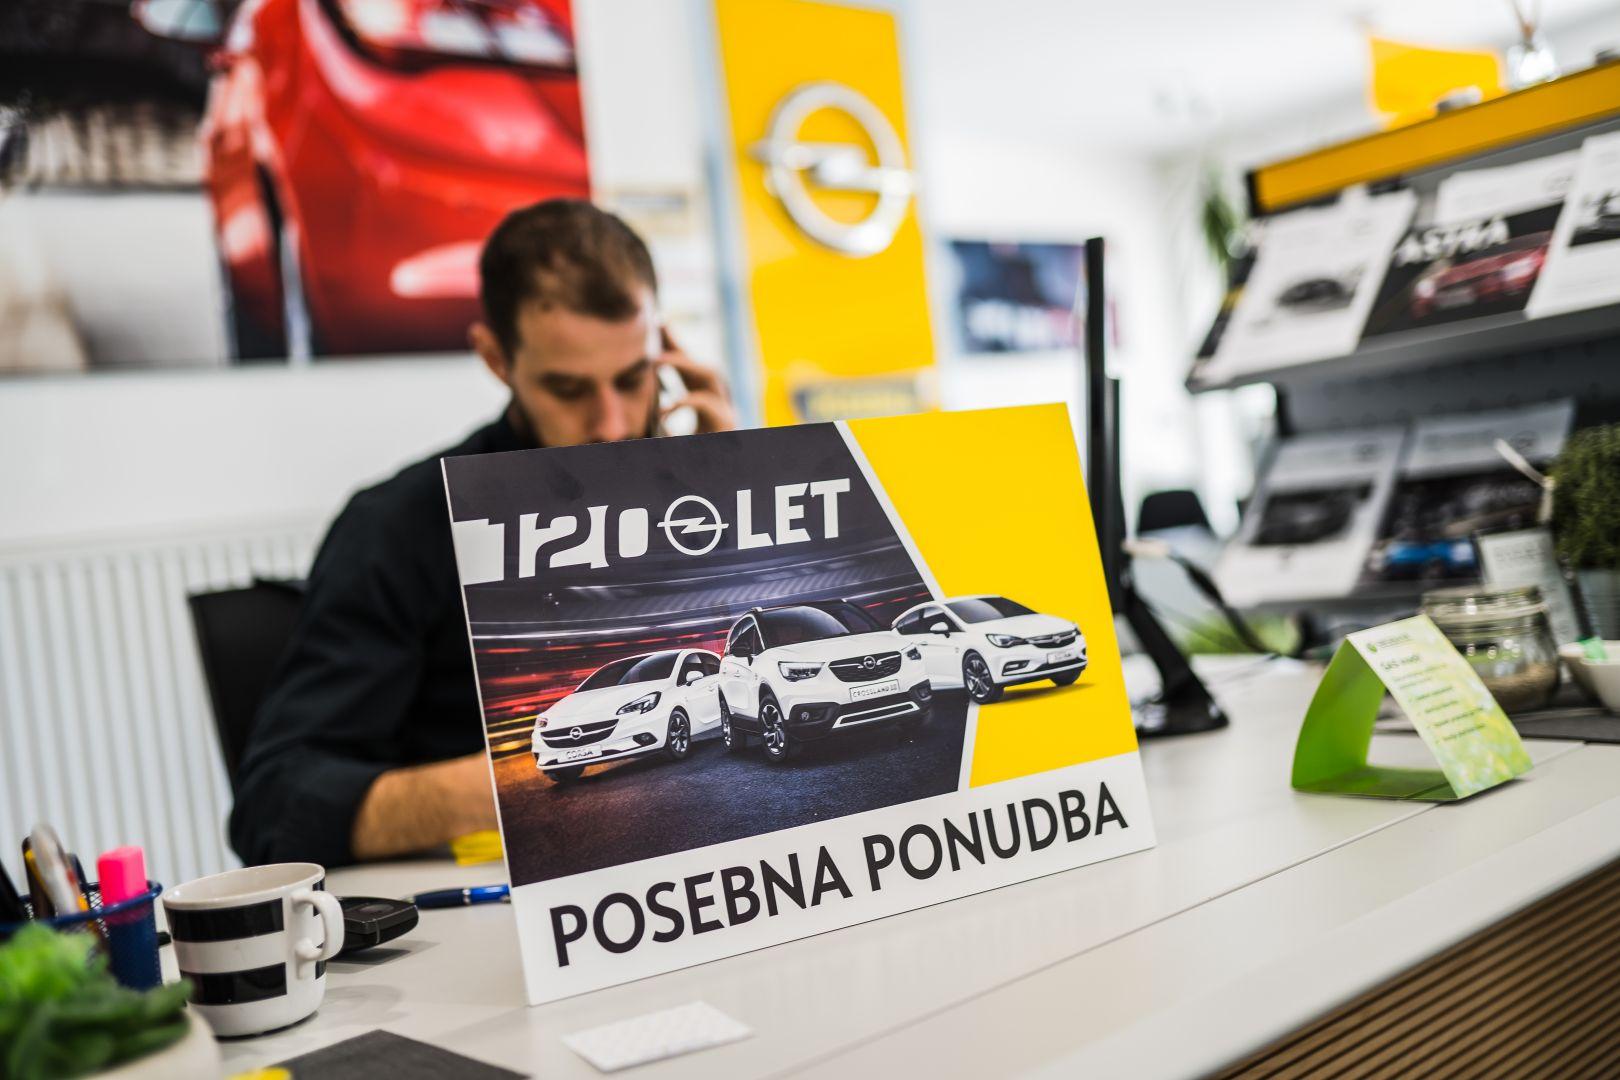 avtohisa-zalar-prodaja-novih-vozil-opel-120-let (2)